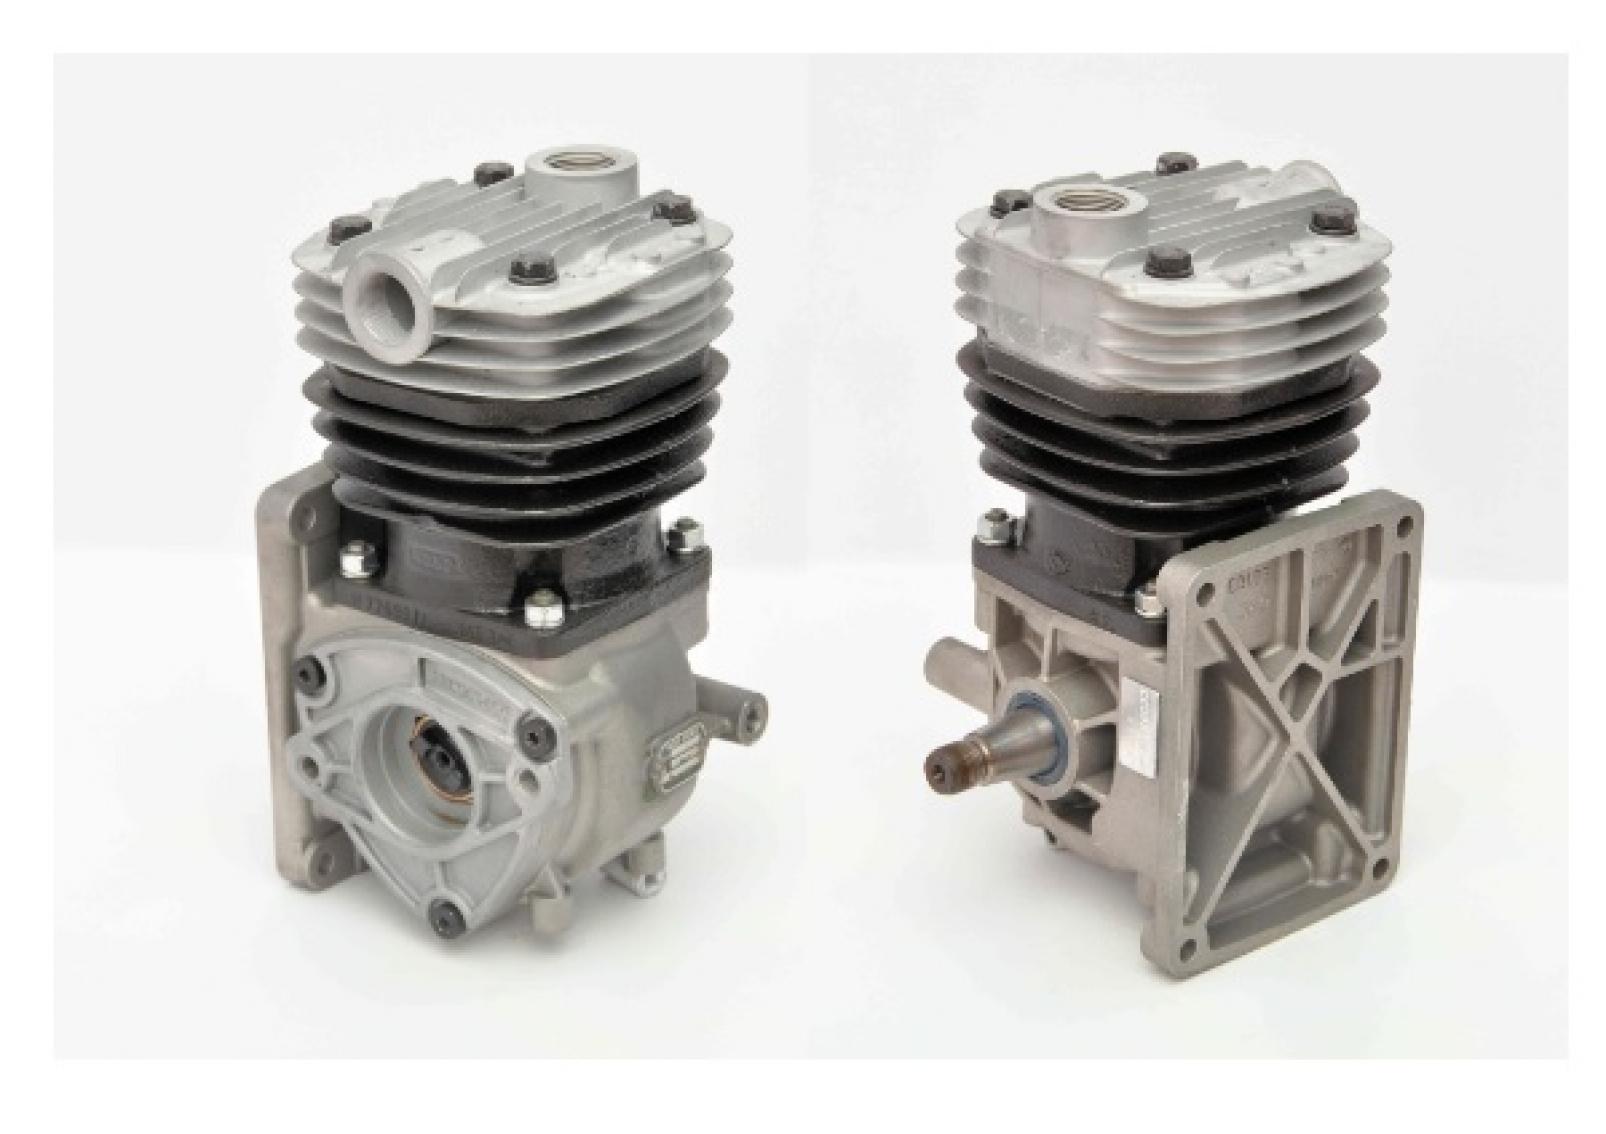 Air Compressor for Mercedes Benz, LK1813, 0001317701, LK1814, 0041319401, 0041319501, II18356